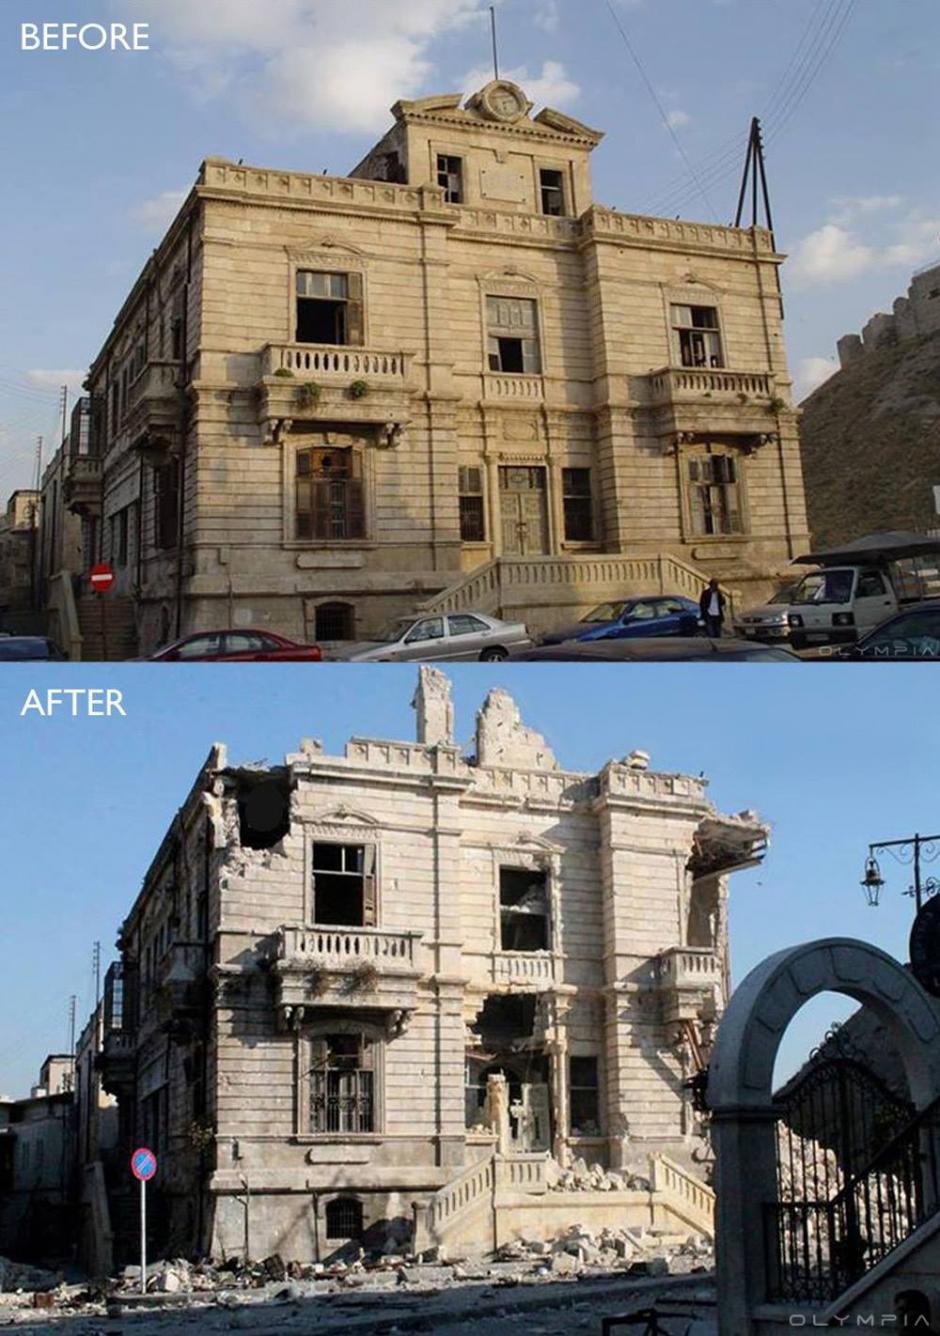 El edificio de migración y pasaportes antiguos frente al Castillo de Alepo. (Foto: Olympia.Rest/Facebook)